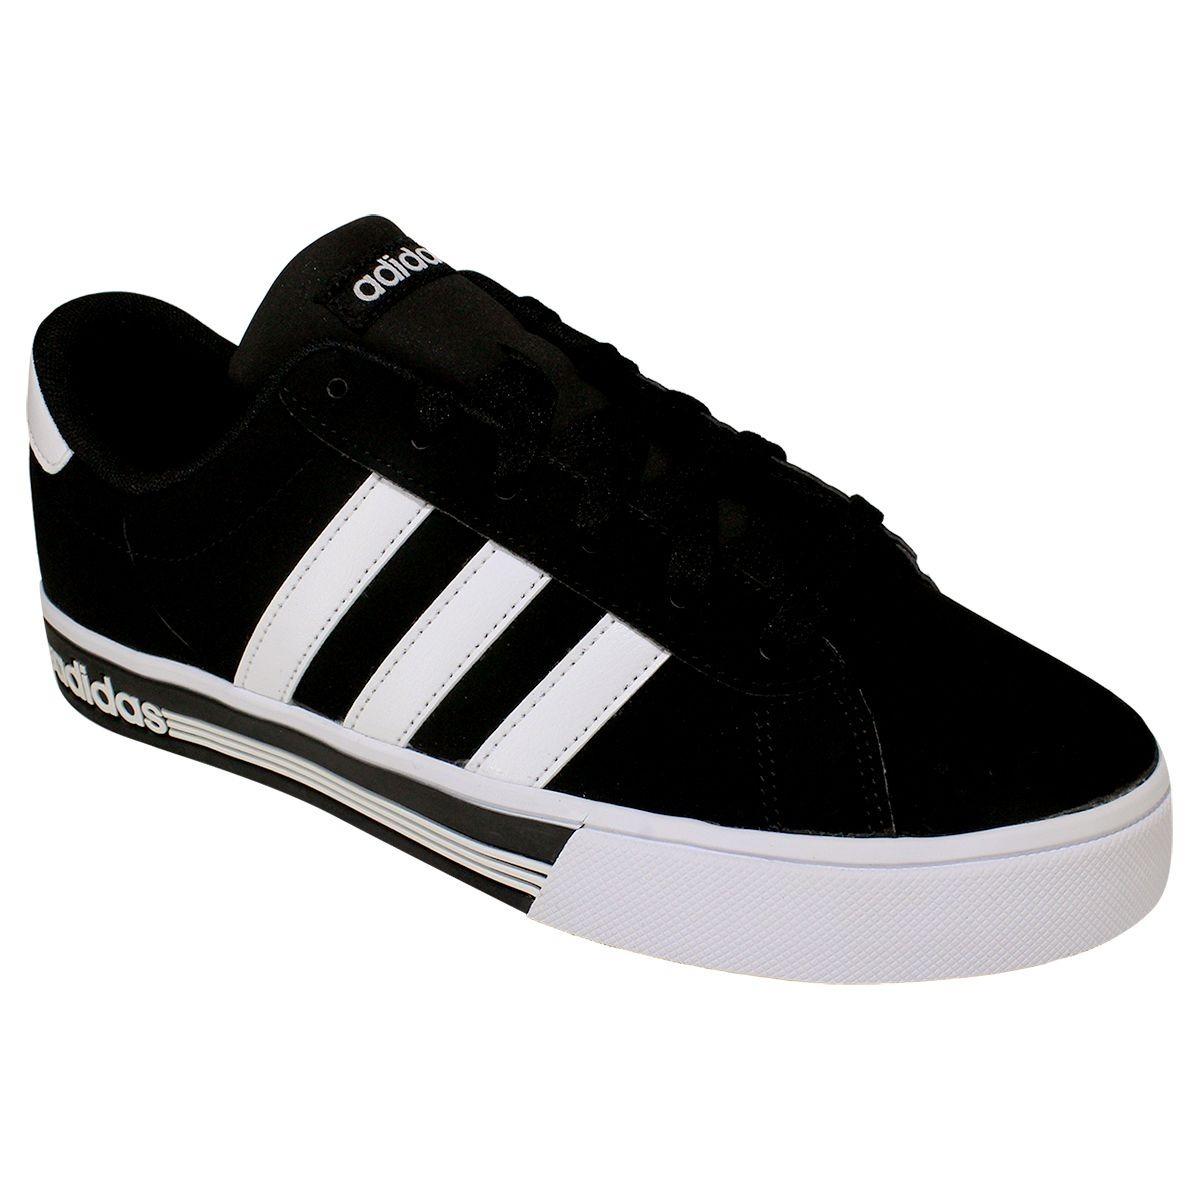 f25959cc2a ... official store tênis adidas neo preto frete grátis. carregando zoom.  0b15b 6d88d